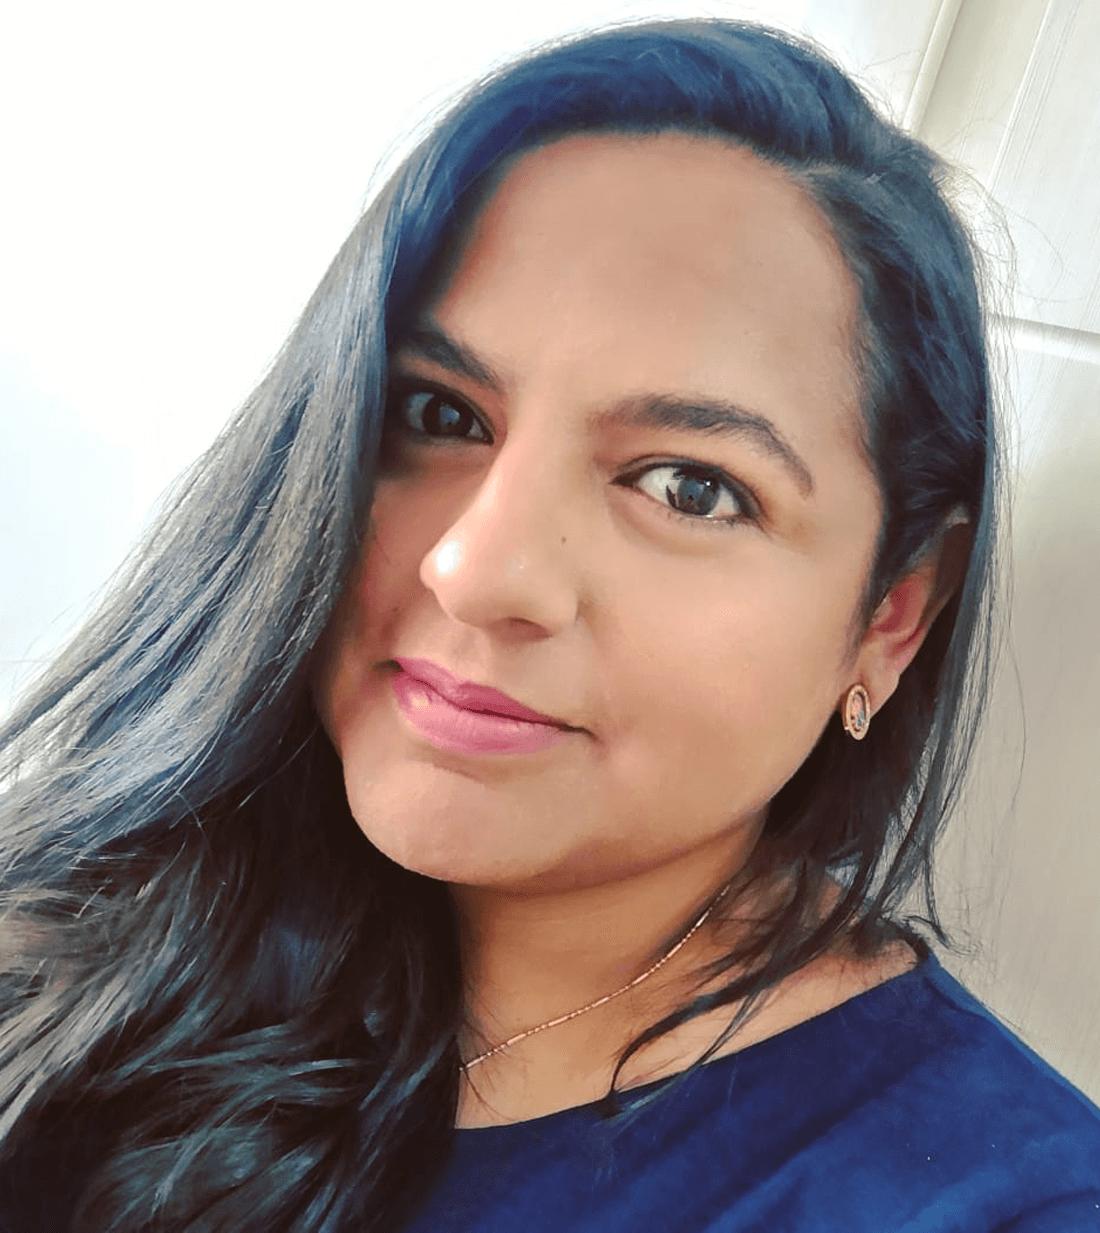 Maria Borges Quitlis